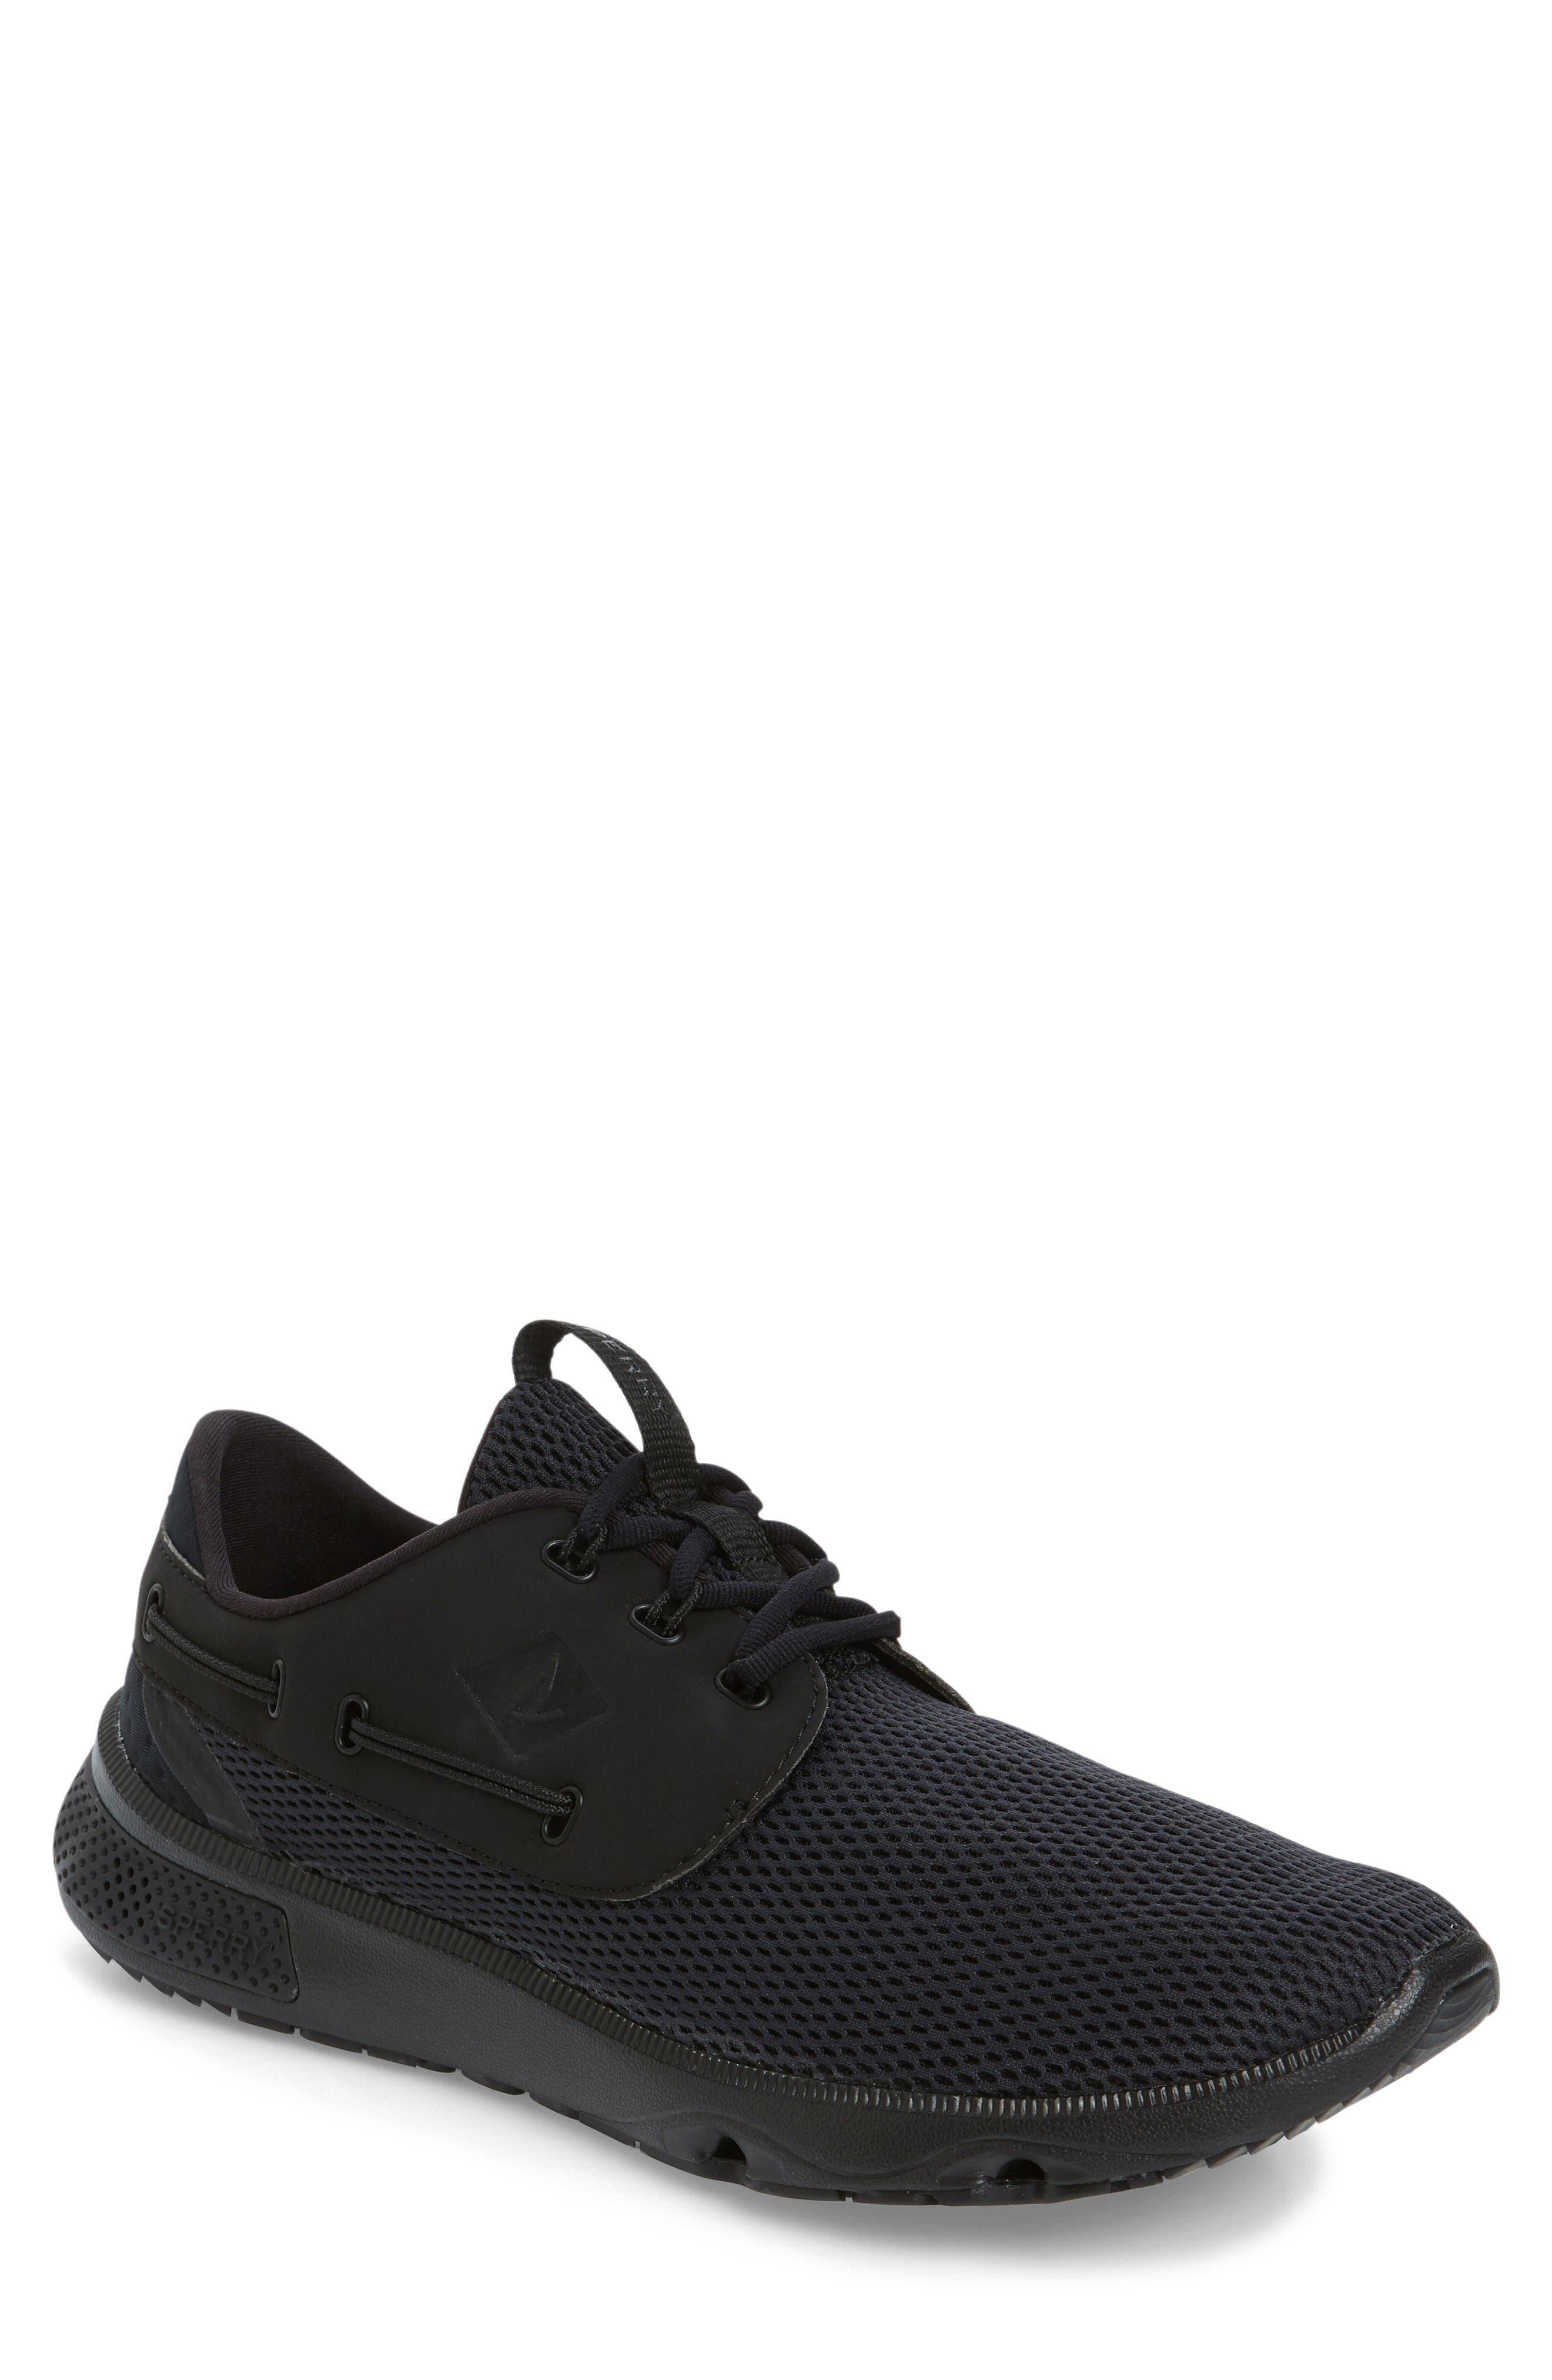 Sperry 7 Seas Sneaker (Men)